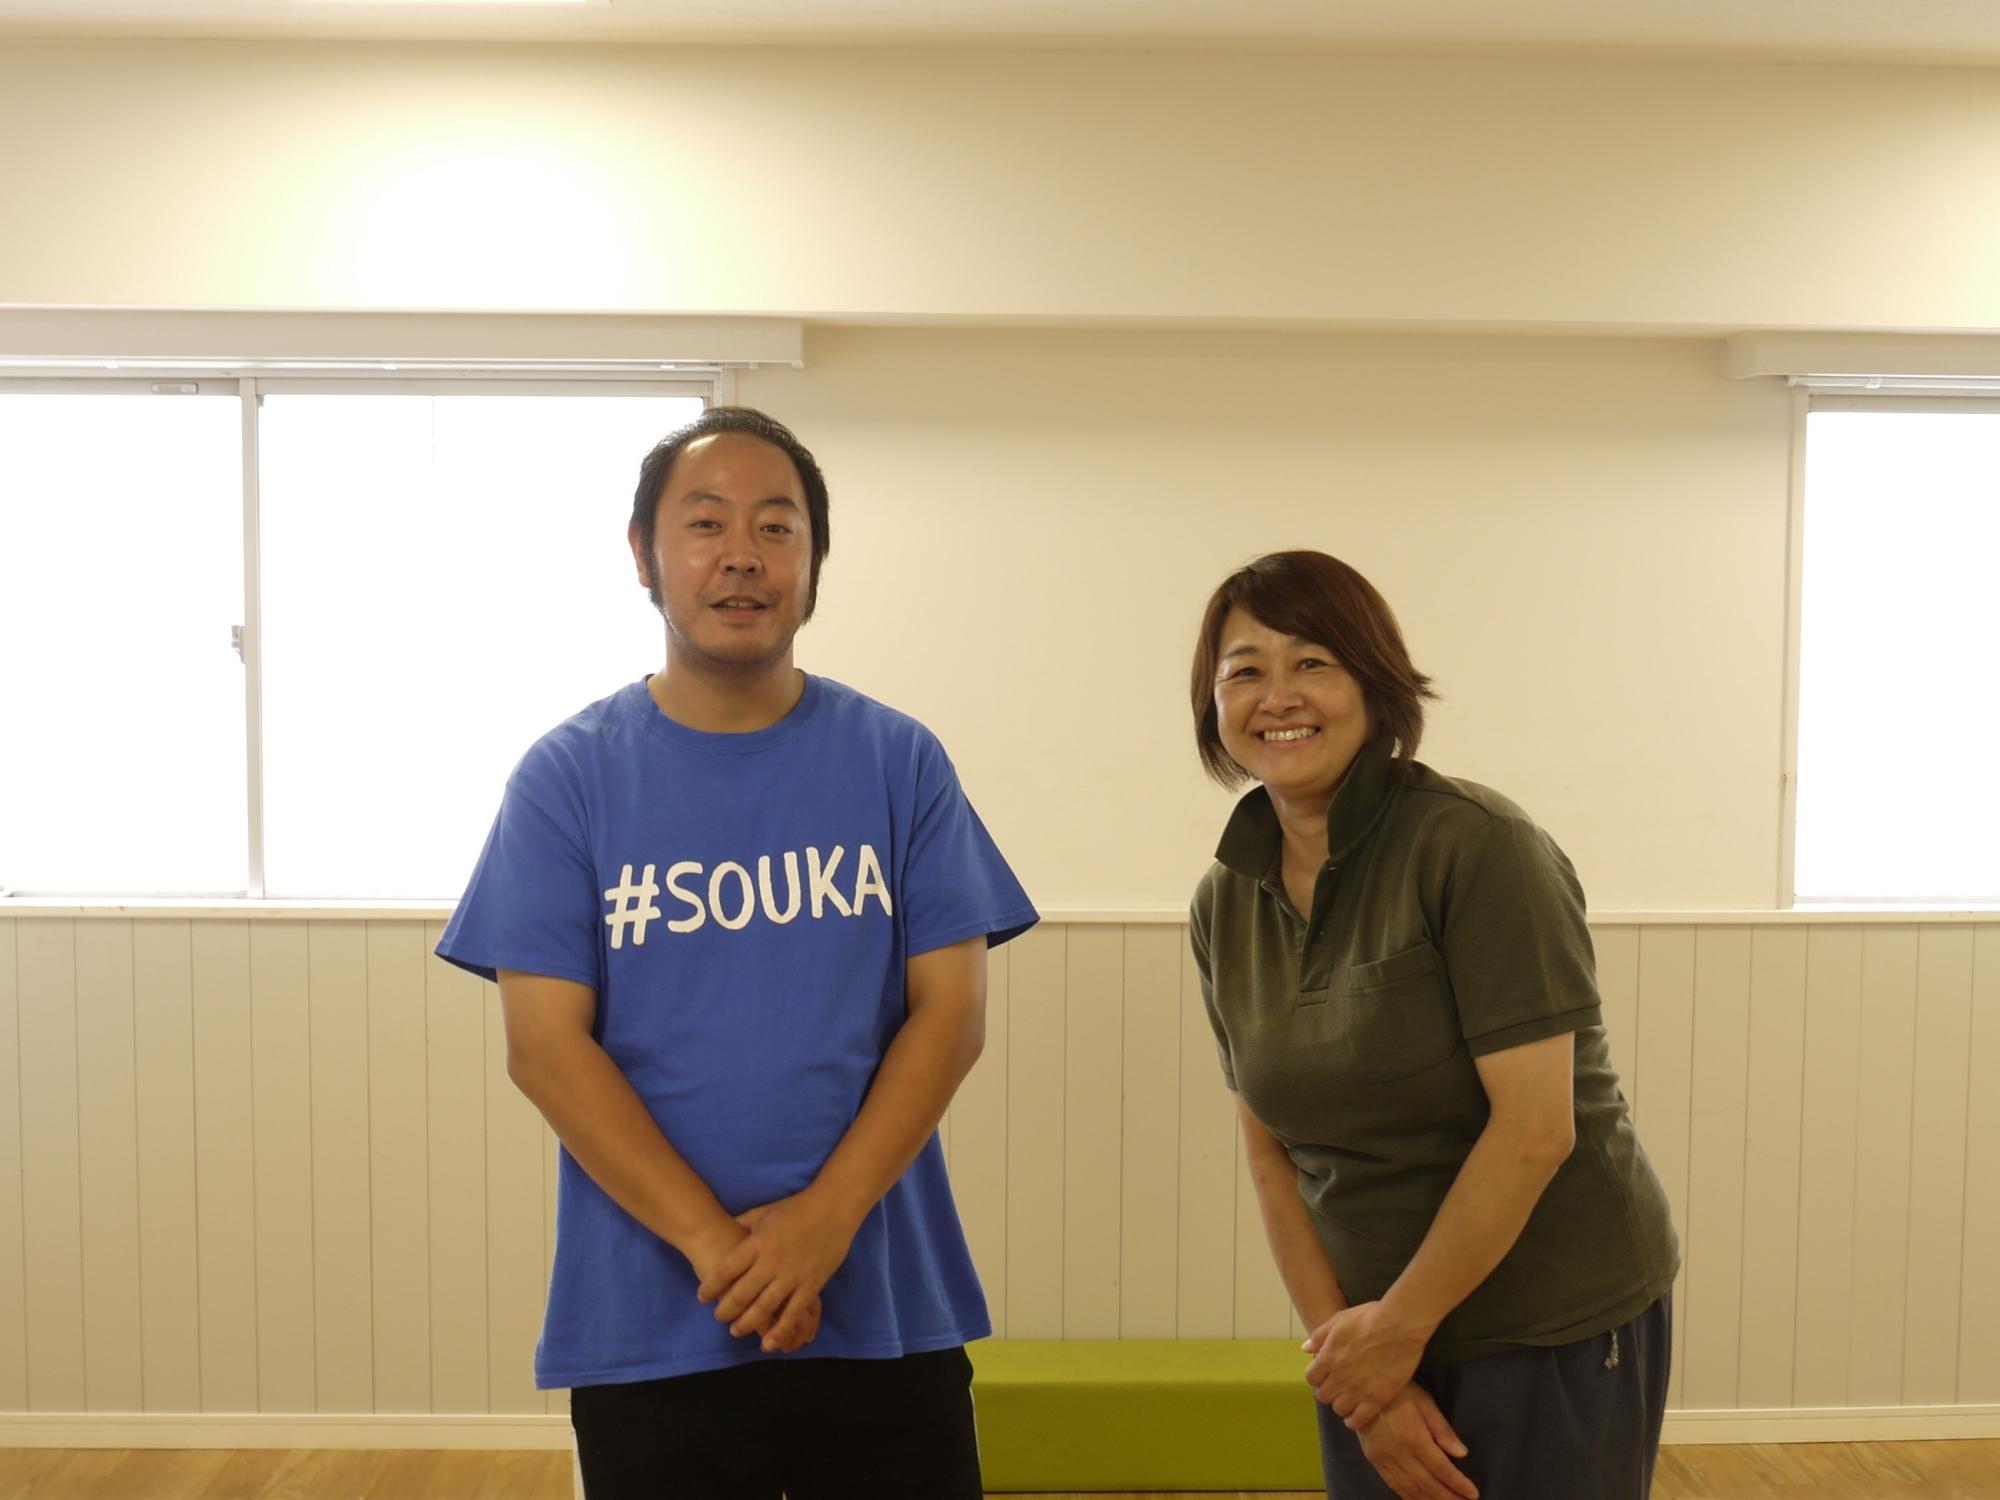 運動指導員の工藤さんと古川施設長